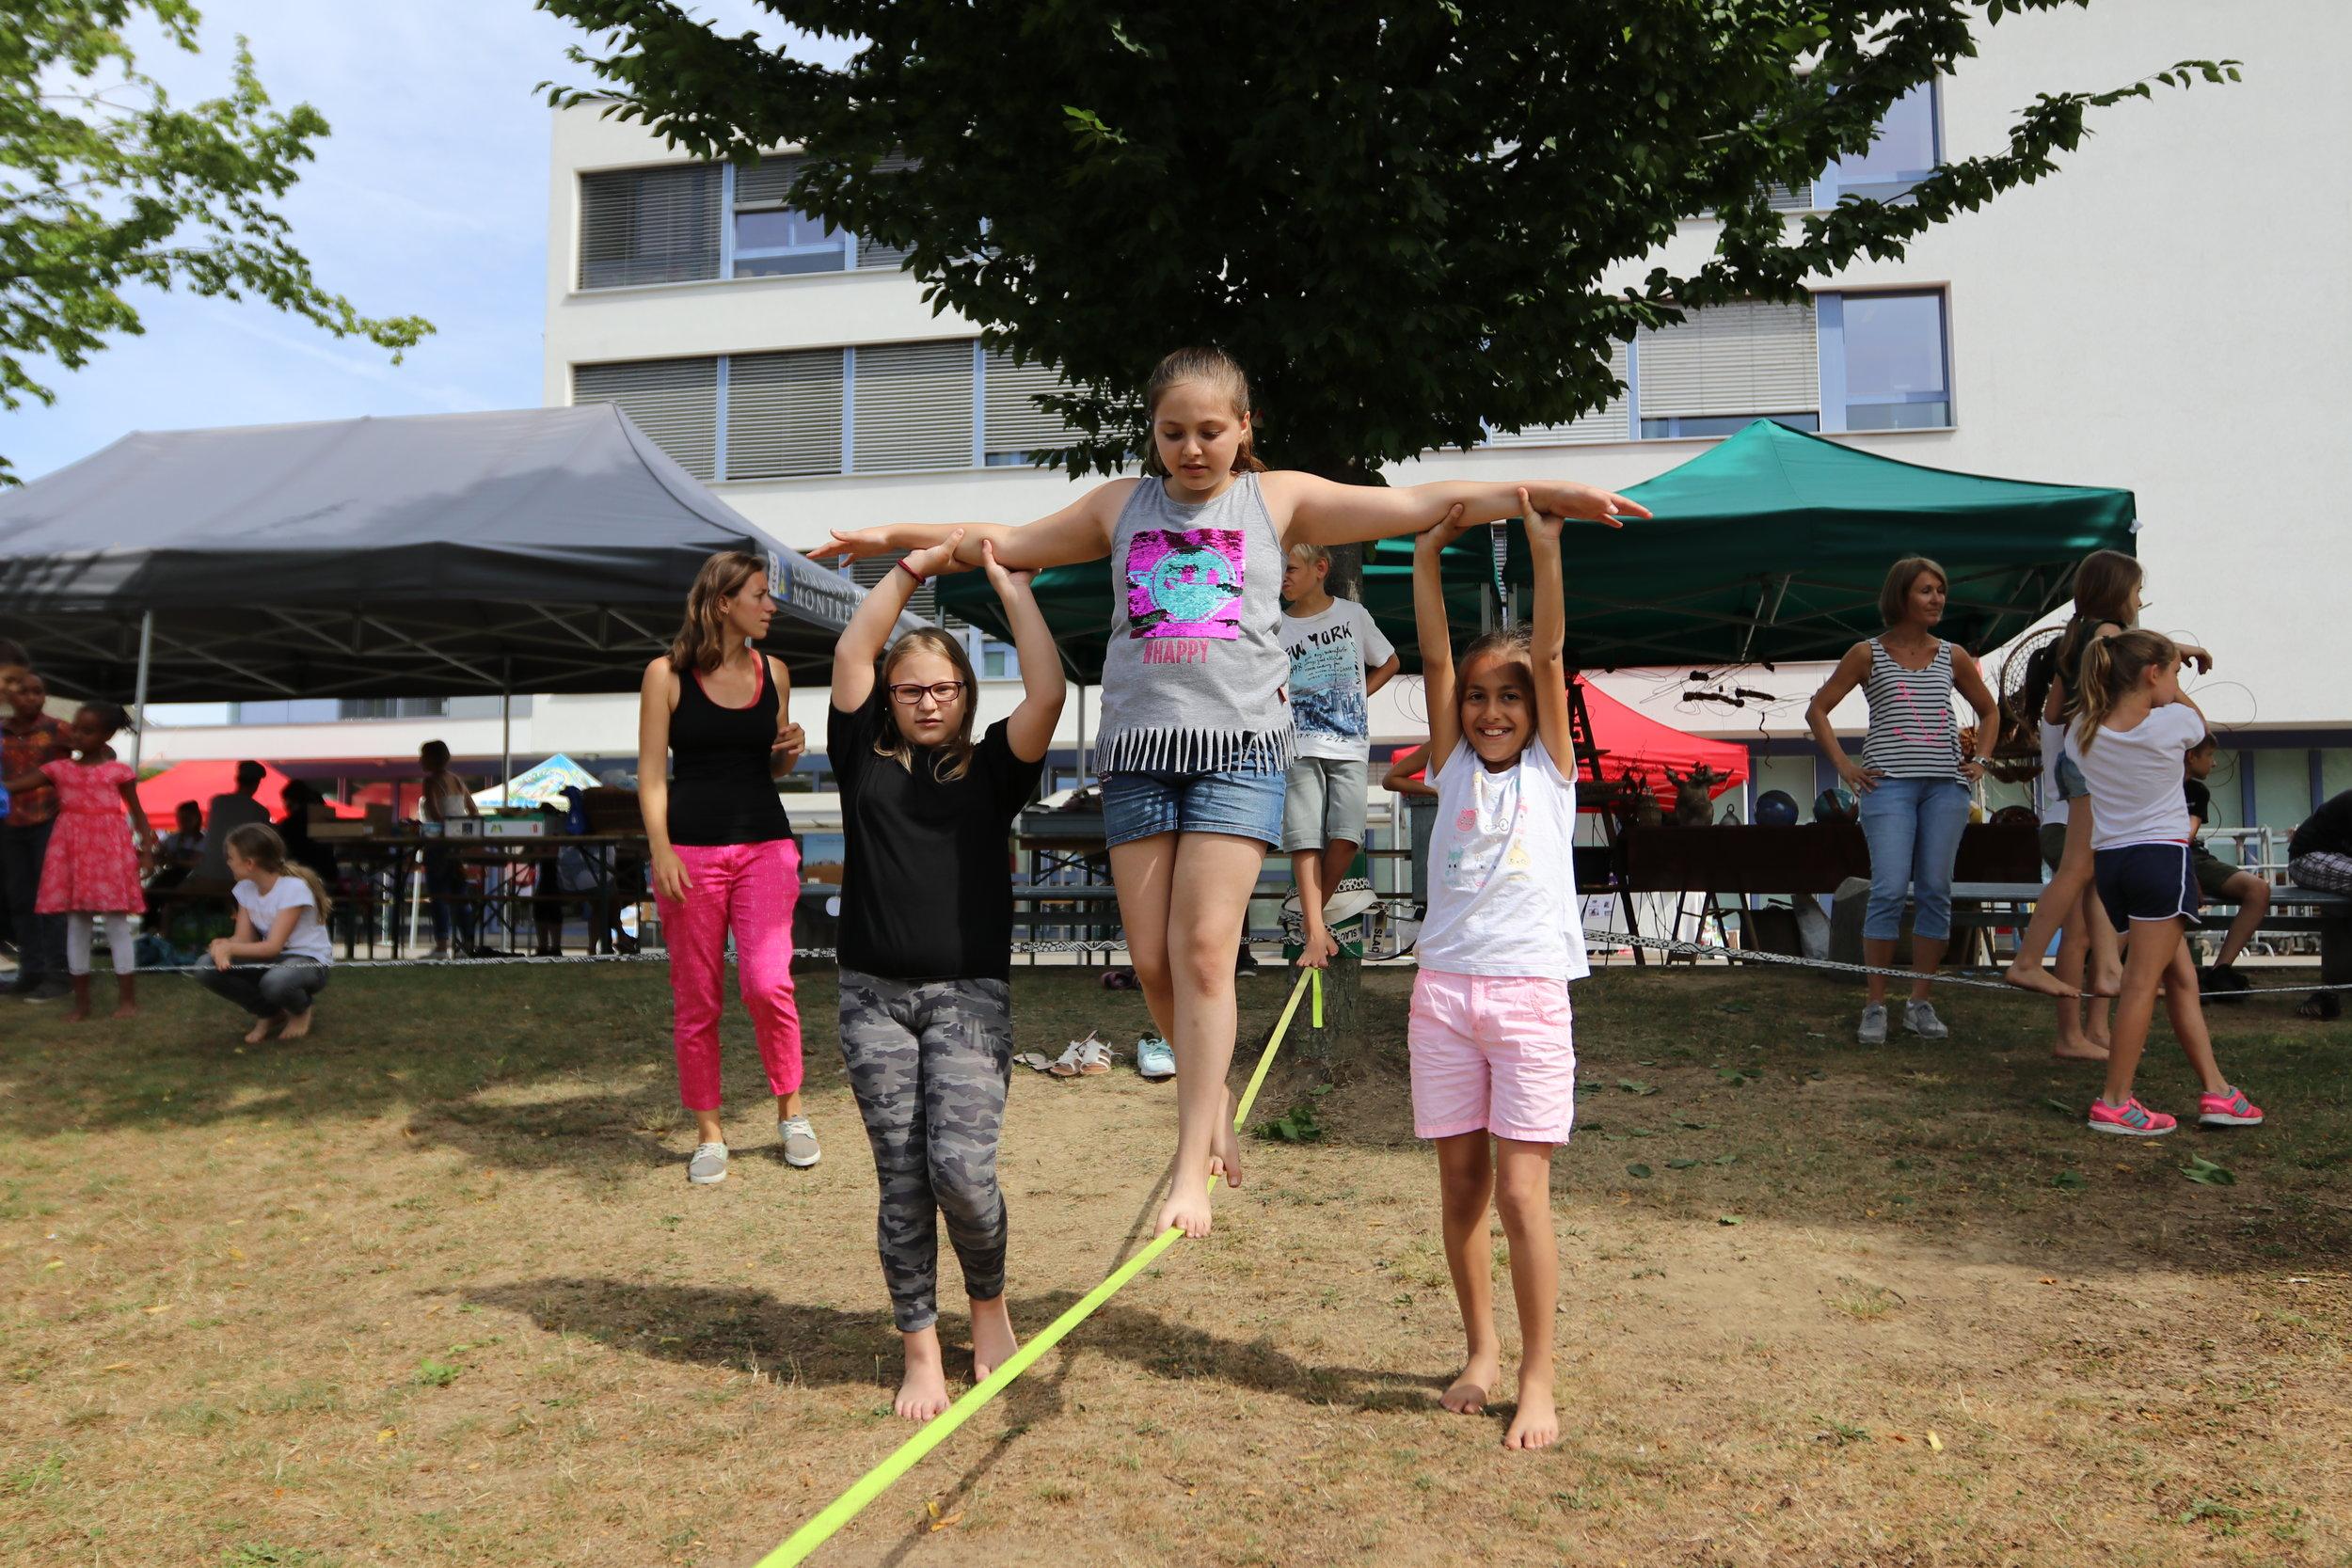 rambert clarens workshop atelier ecole school schule suisse schweiz switzerland Slackline Lyell Grunberg show performance spectacle Highline trickline  (5).JPG